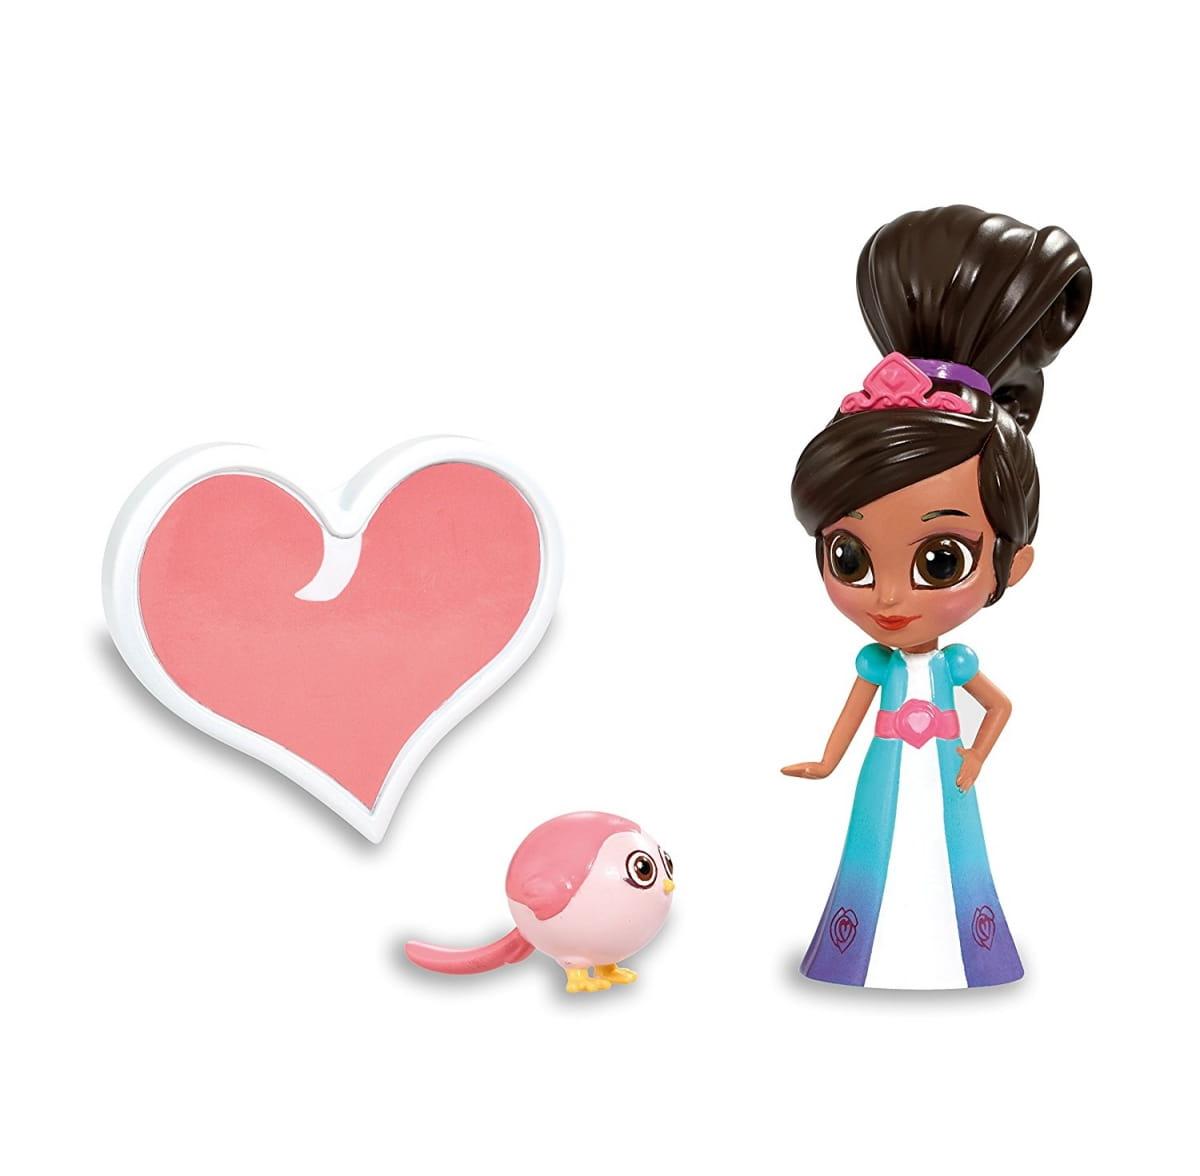 Игровой набор NELLA Коллекция приключений  Принцесса Нелла (с аксессуарами) - Нелла - отважная принцесса